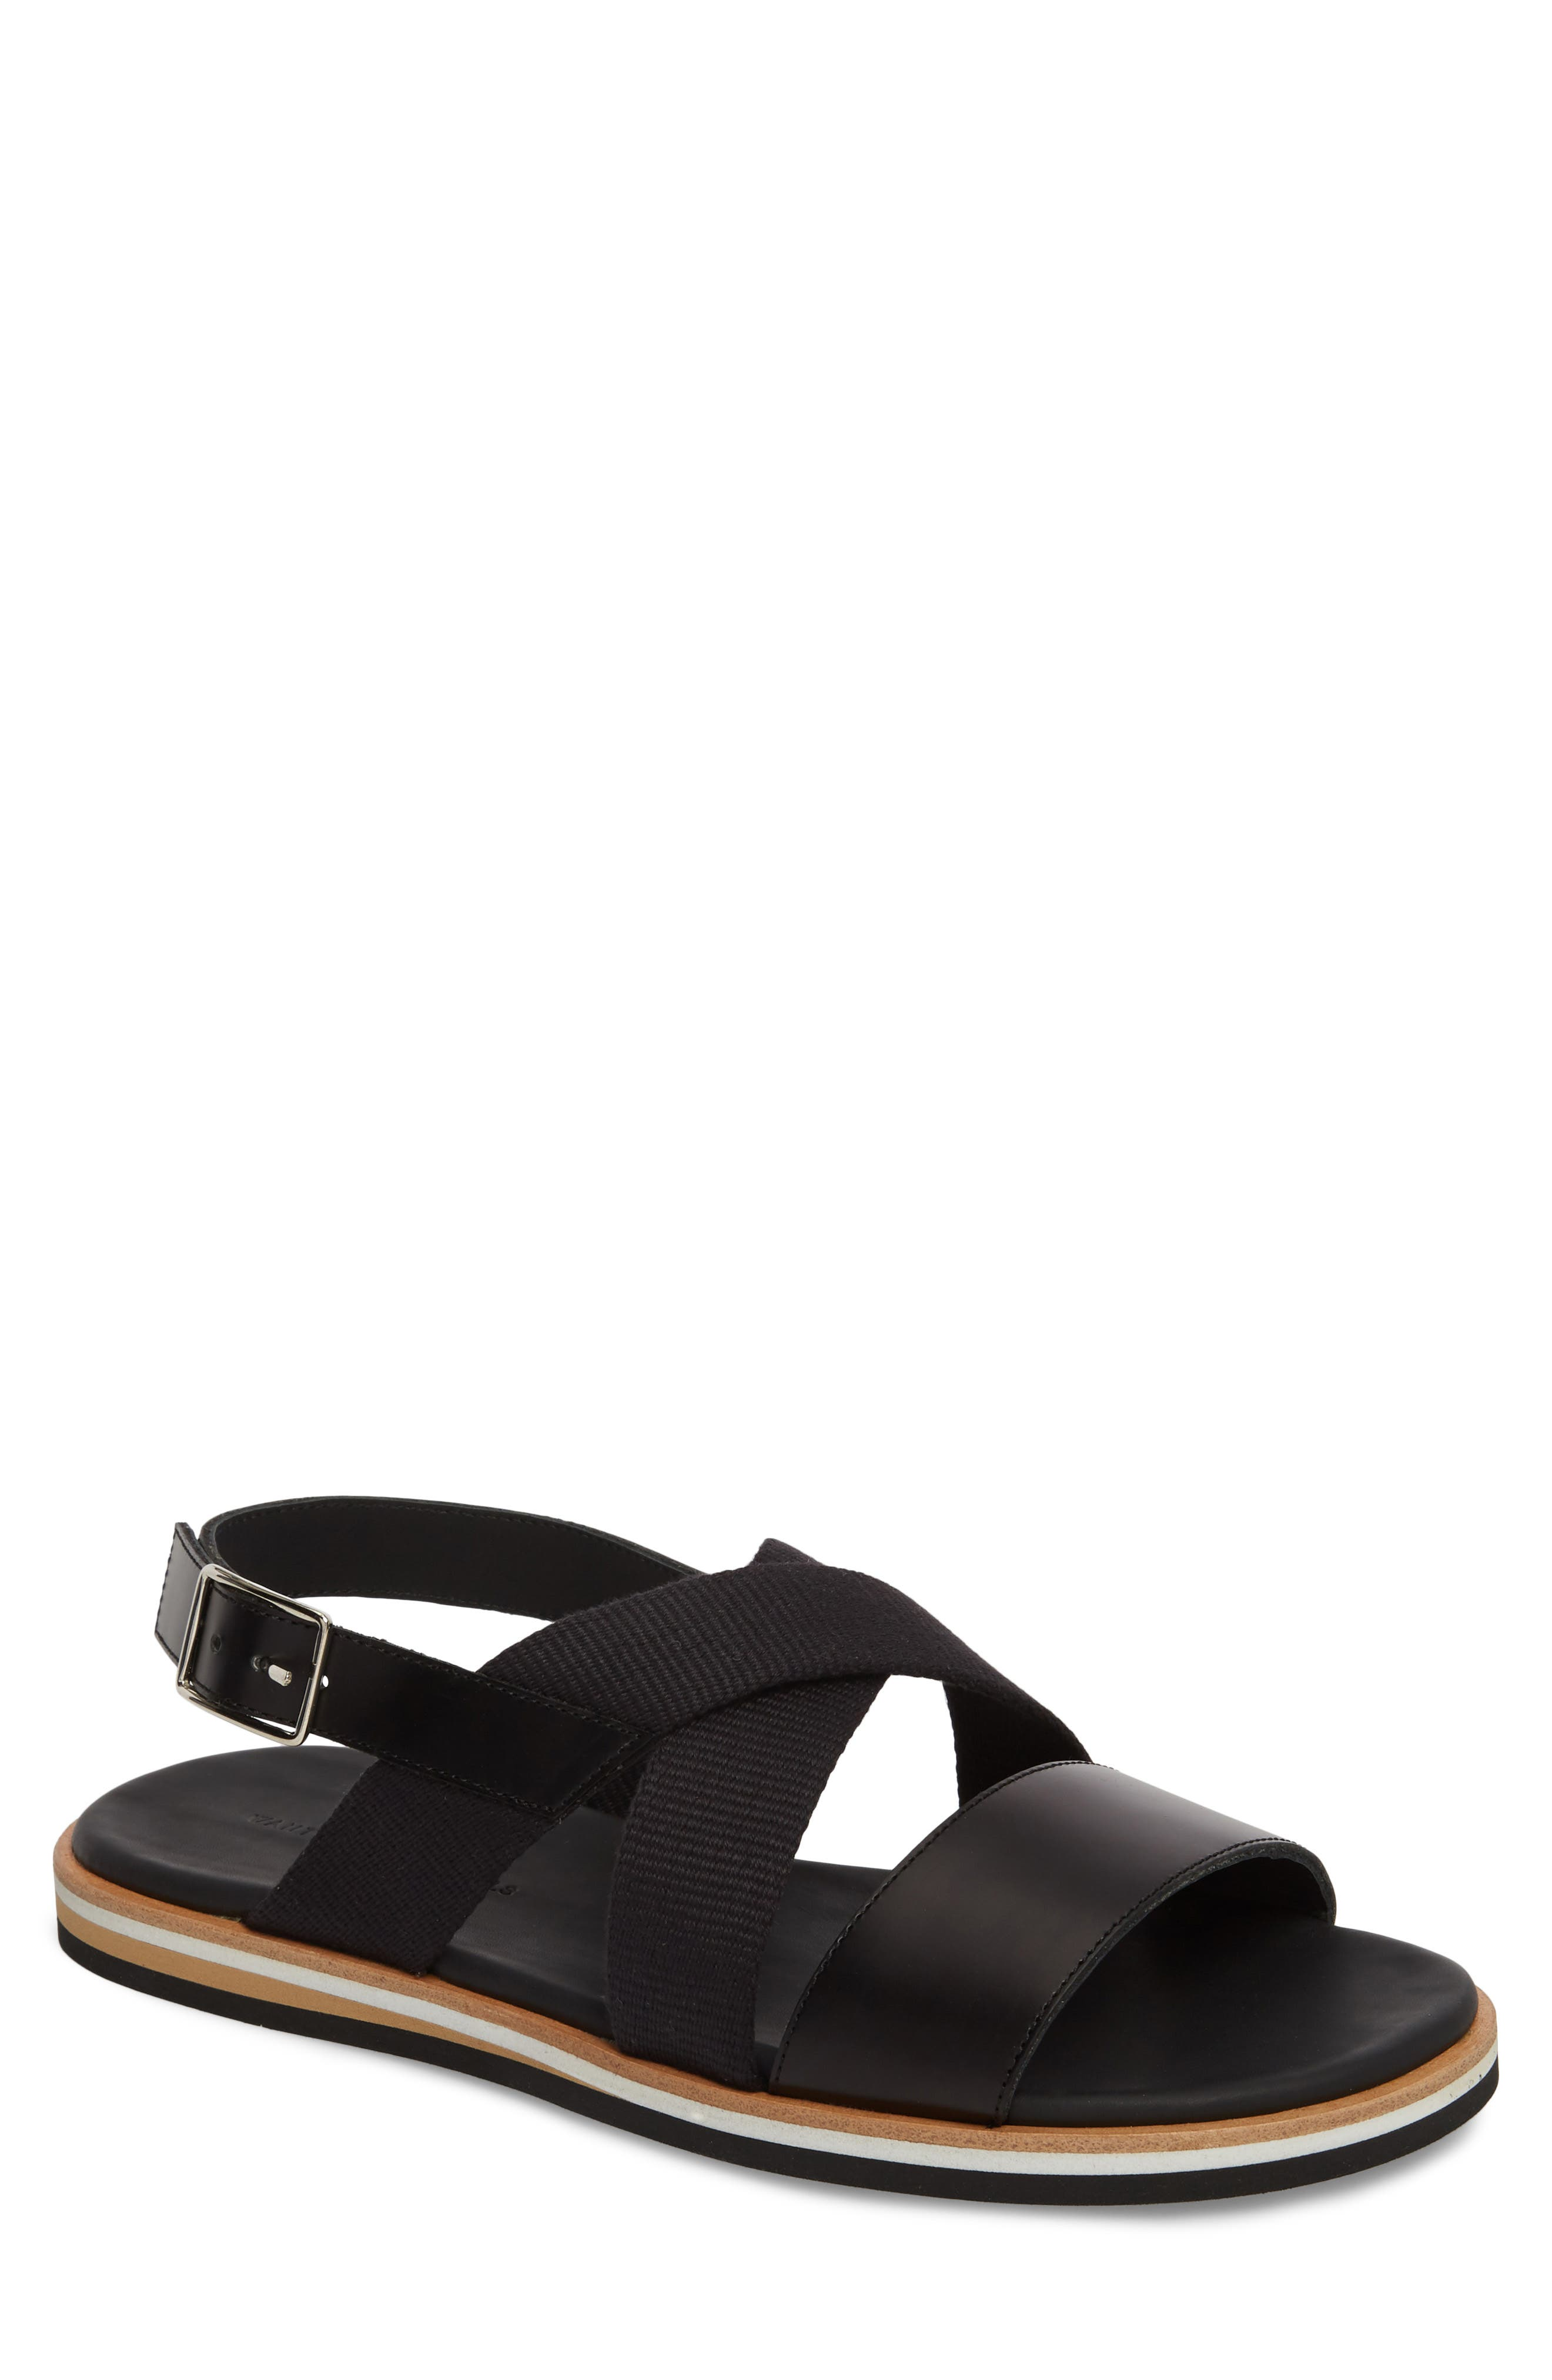 Jobim Sandal,                         Main,                         color, Black Cord/ Black